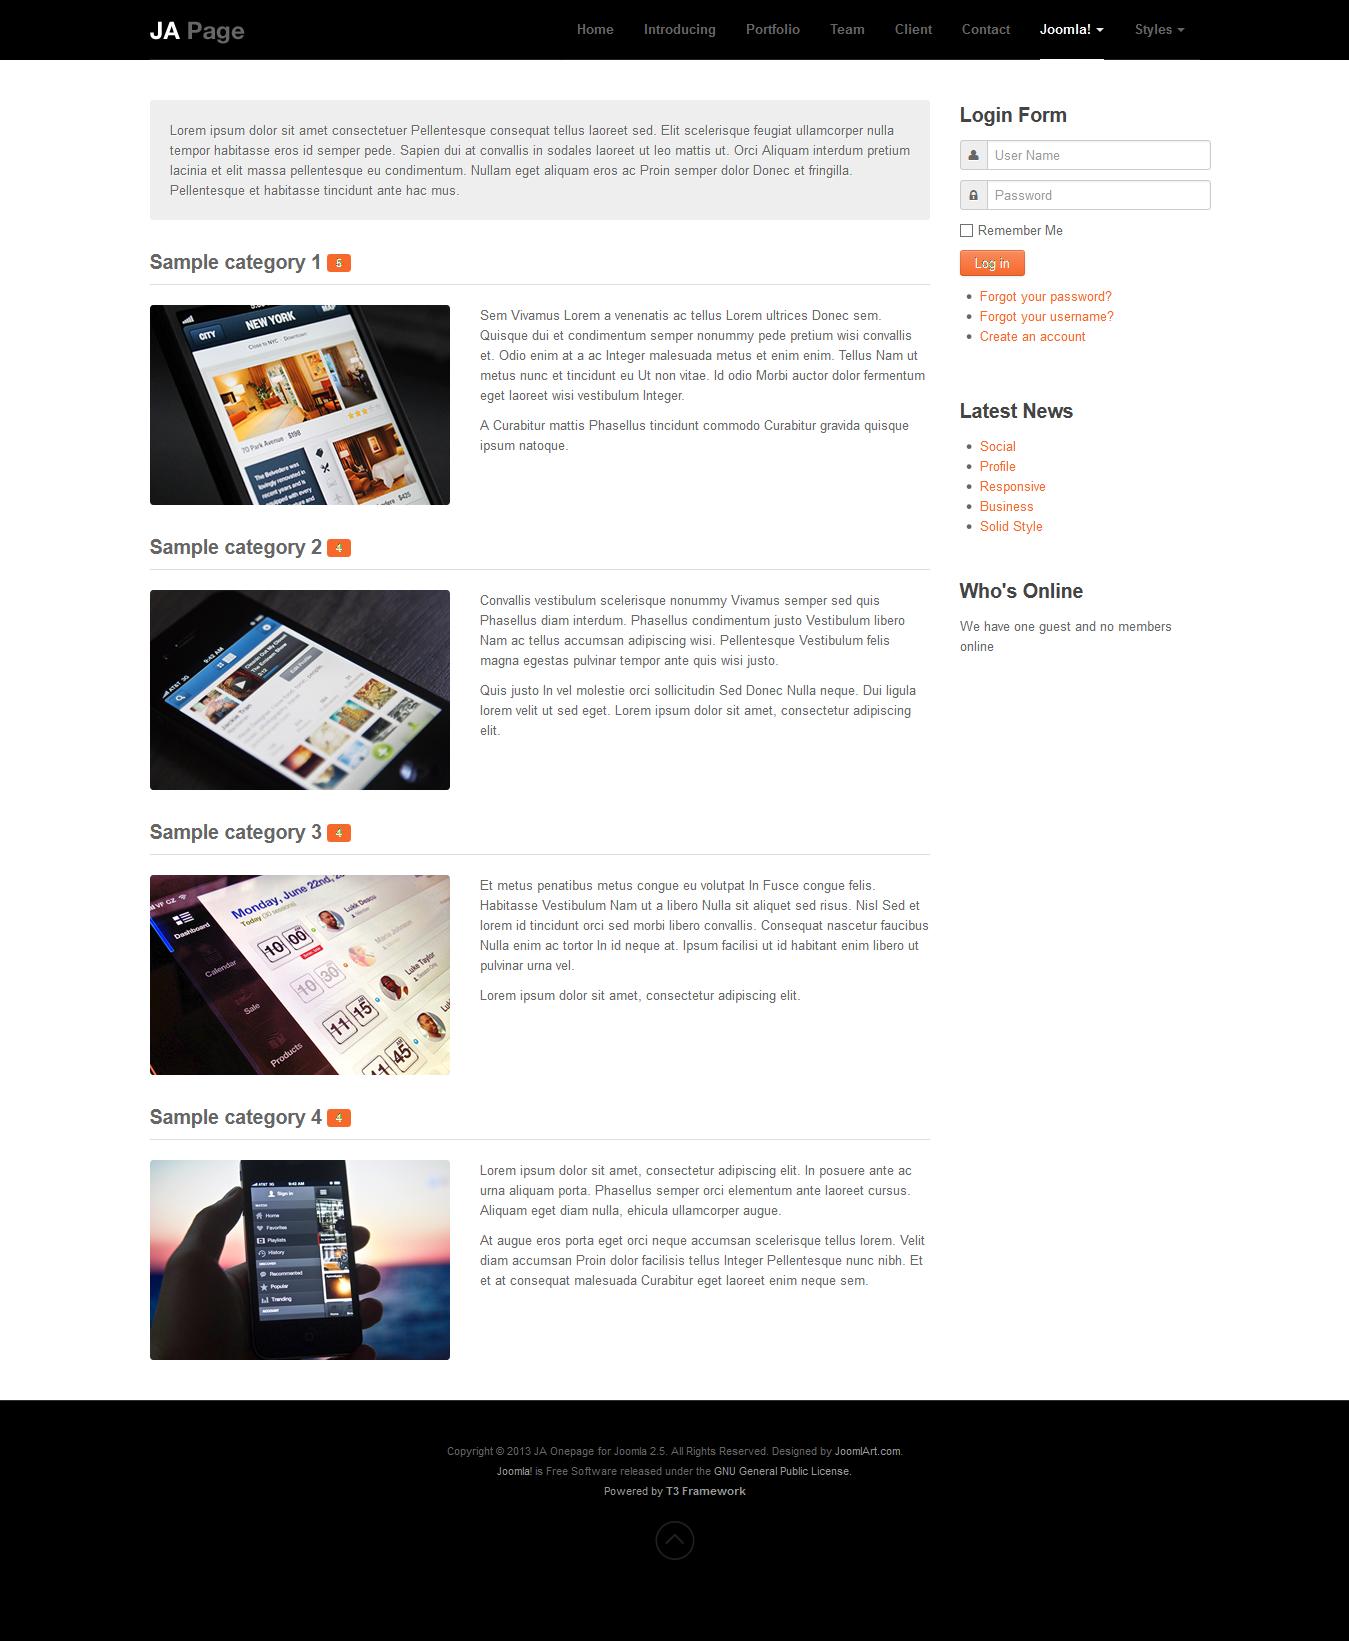 JA epage Joomla template documentation